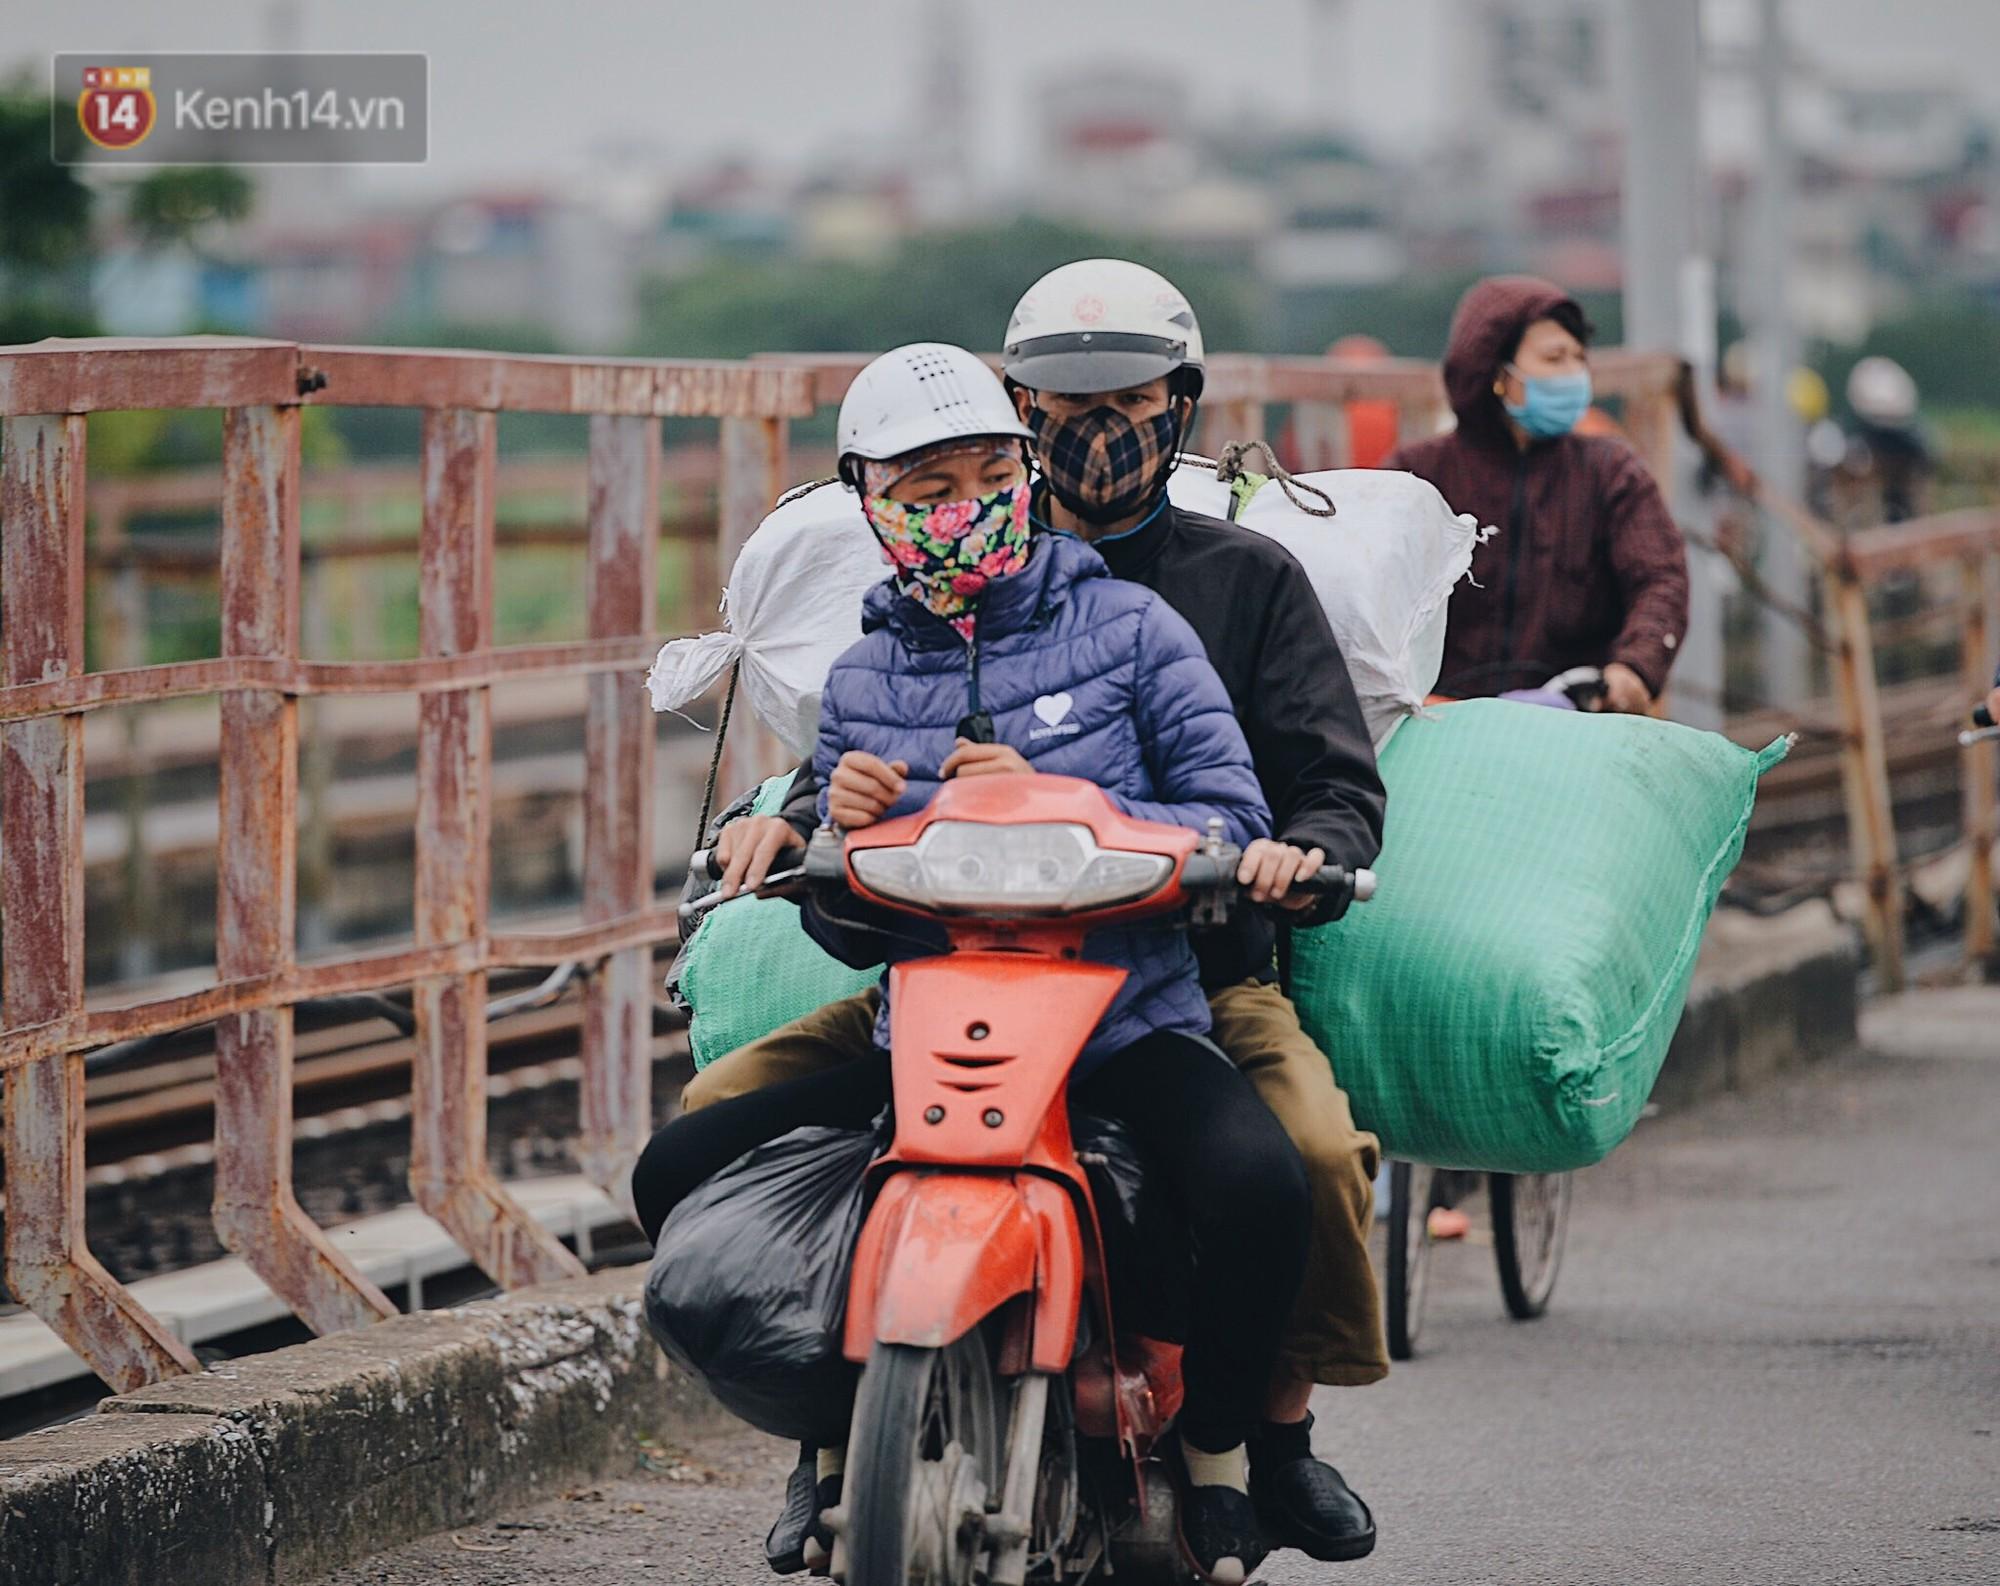 Ngày mùa đông chính thức chạm ngõ miền Bắc, người dân Hà Nội mặc áo ấm xuống phố - Ảnh 3.